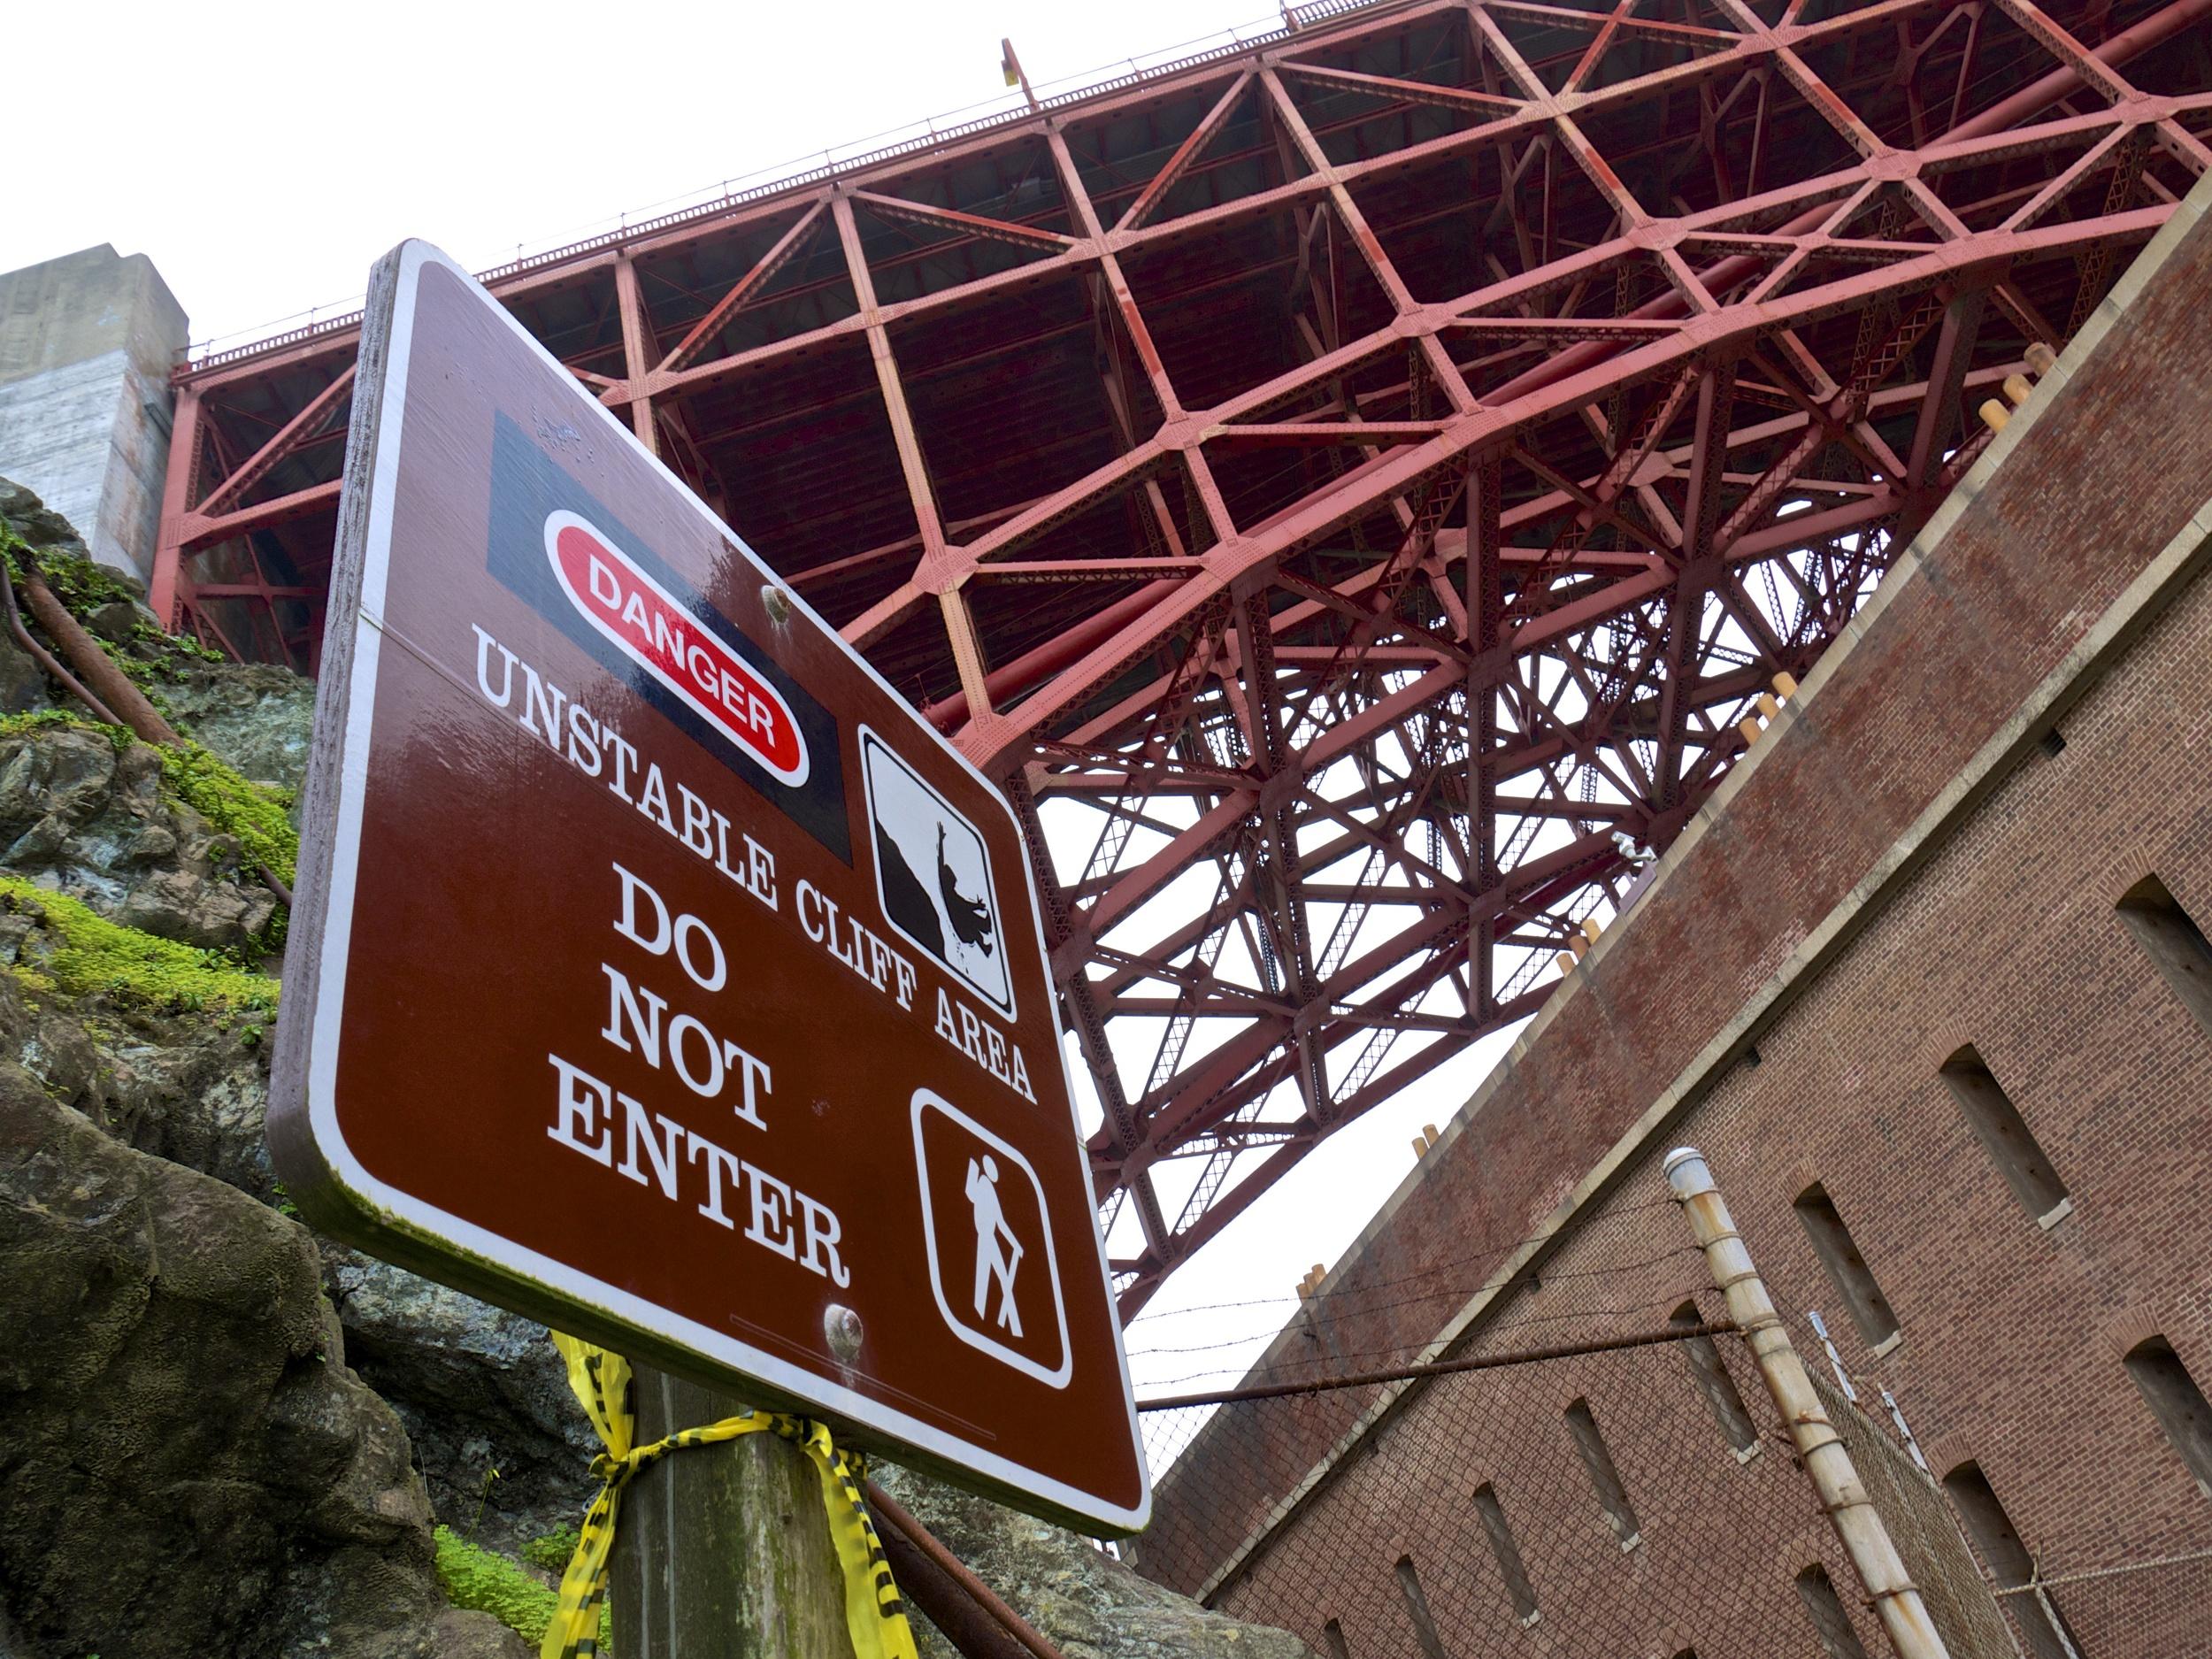 Fort Point Under The Bridge